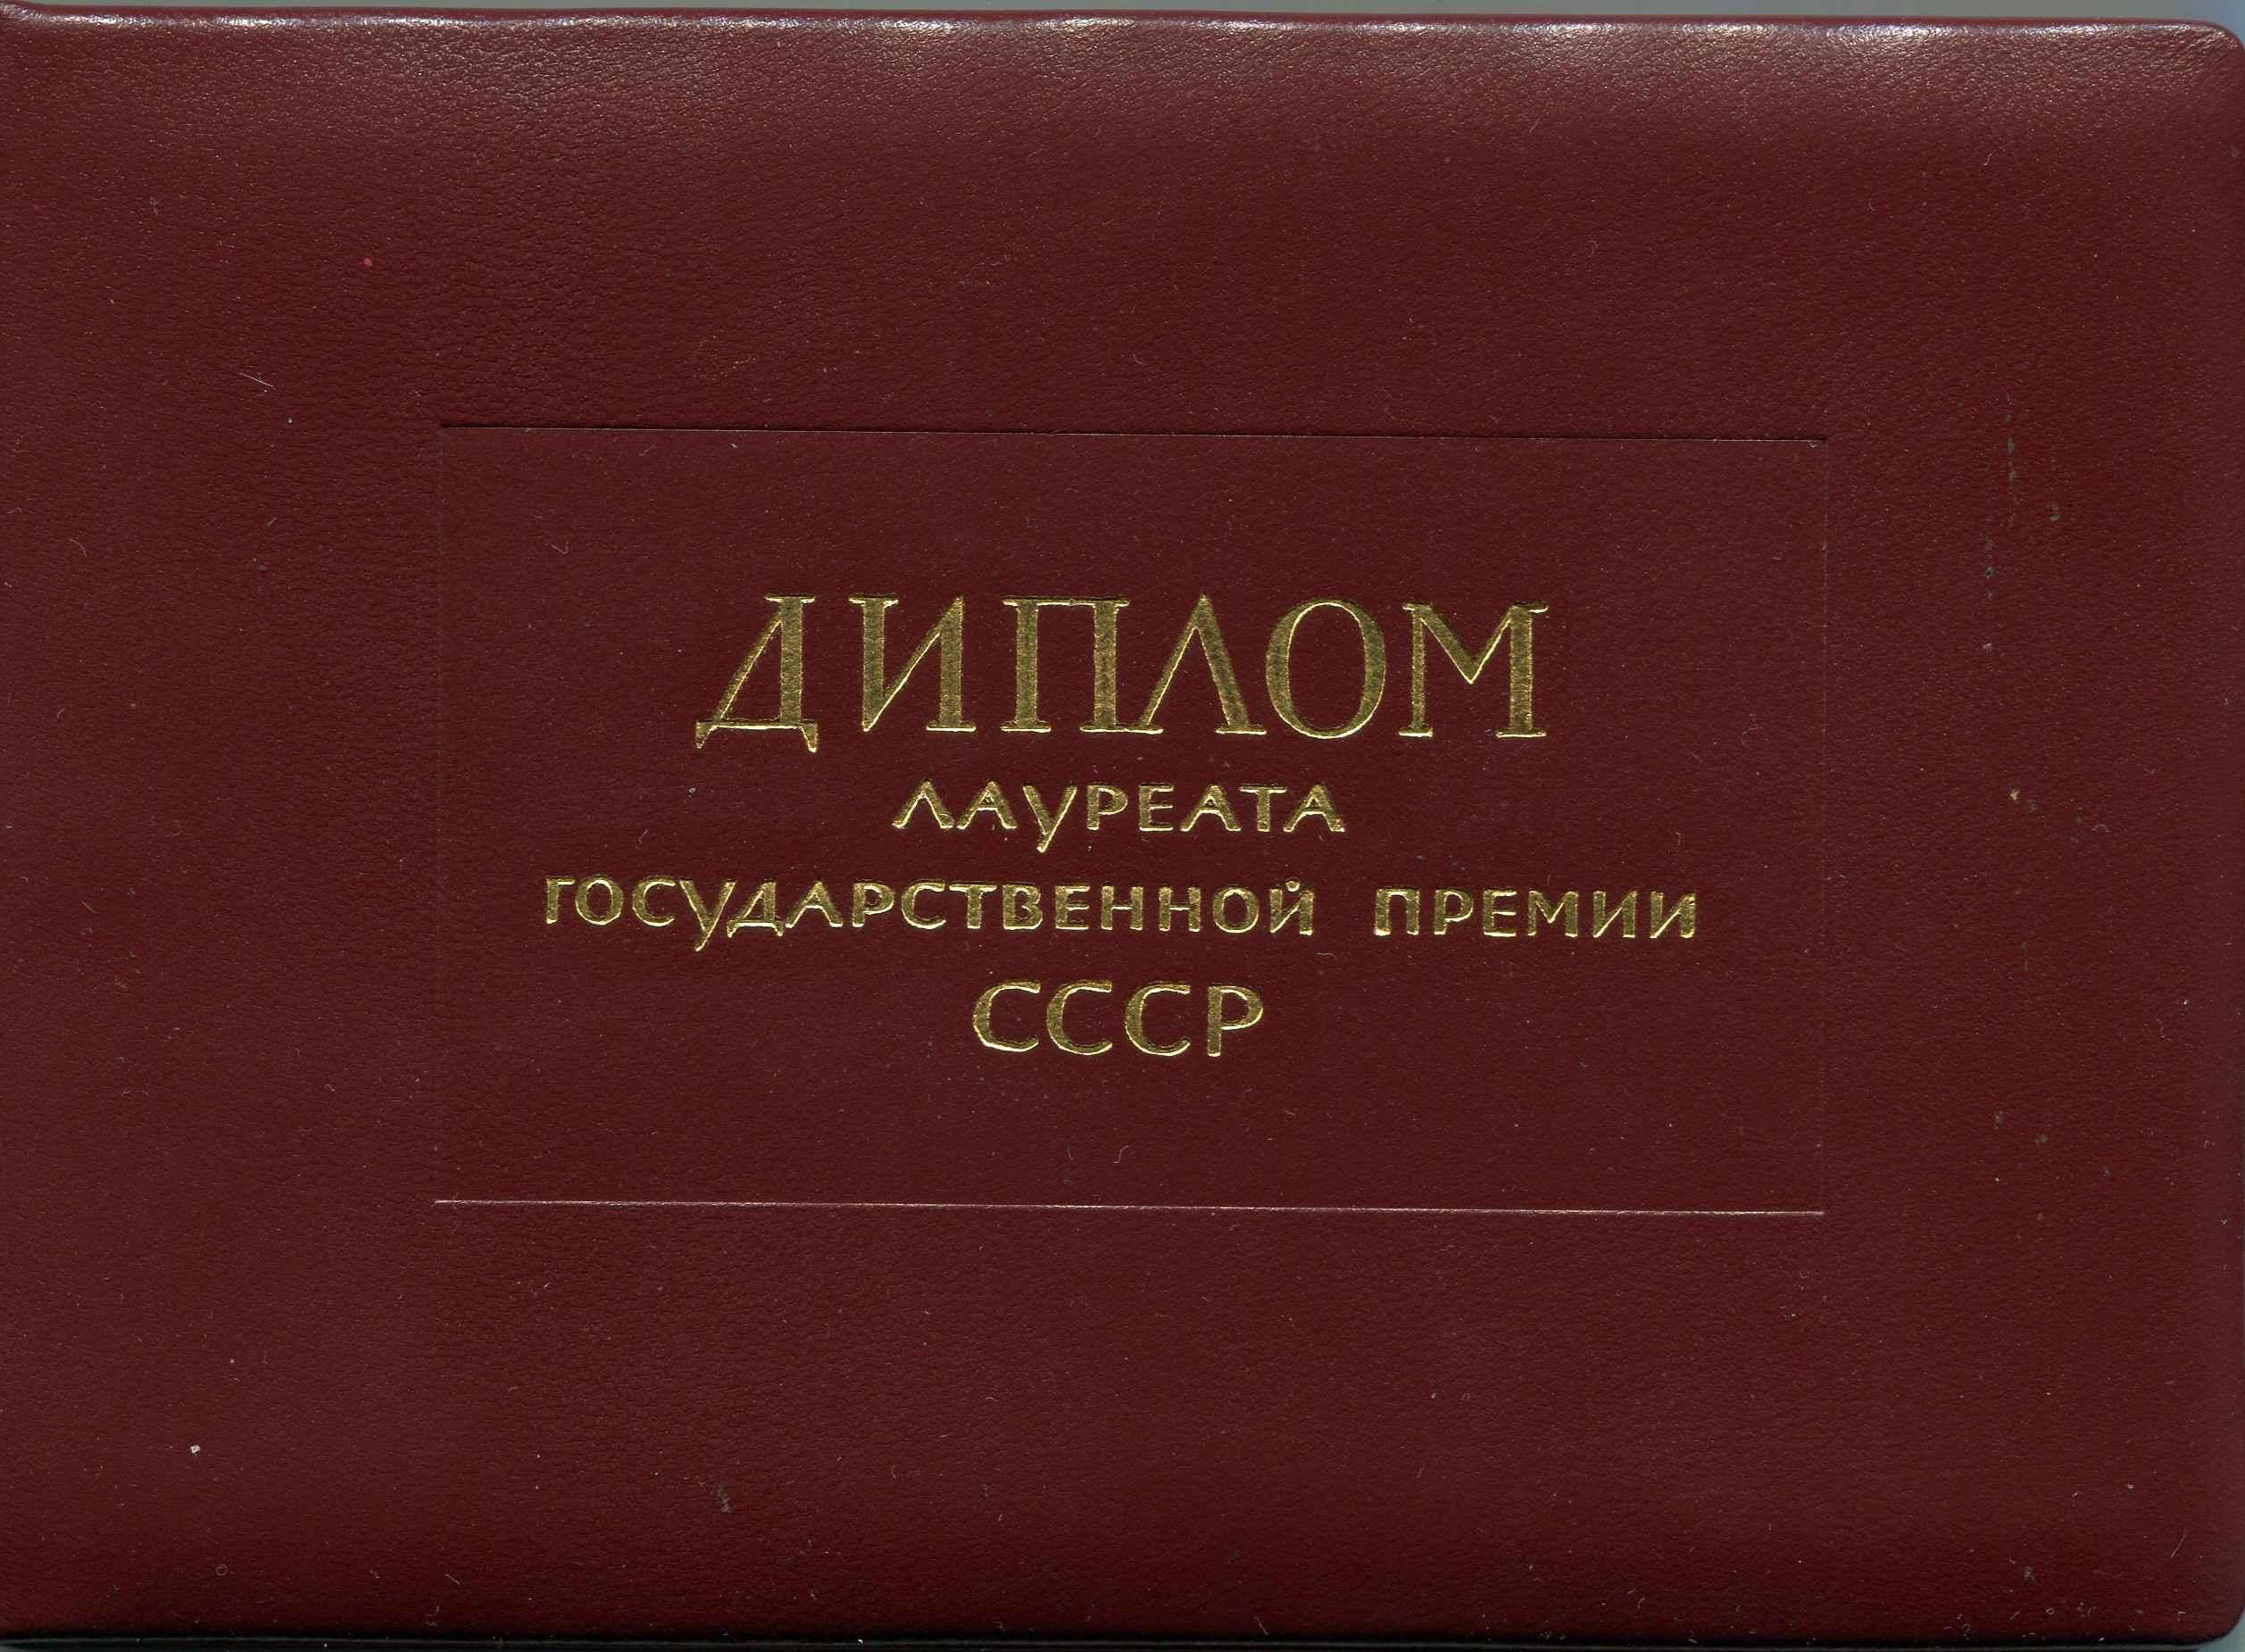 Экспонат #79. Постановление ЦК КПСС и Совмина СССР. 6 ноября 1969 года